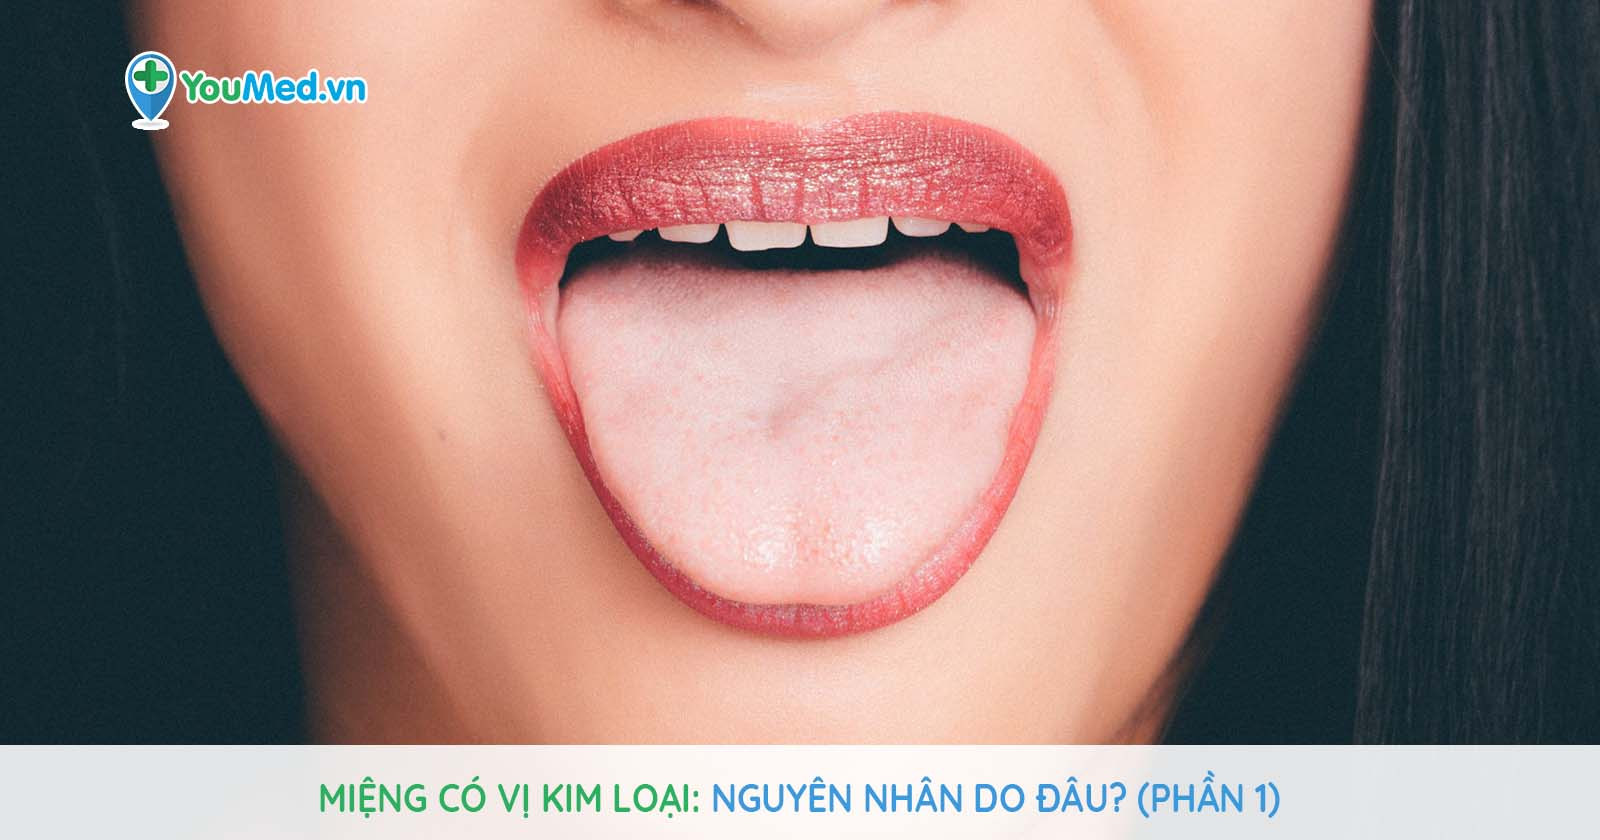 Miệng có vị kim loại: Nguyên nhân do đâu? (Phần 1)